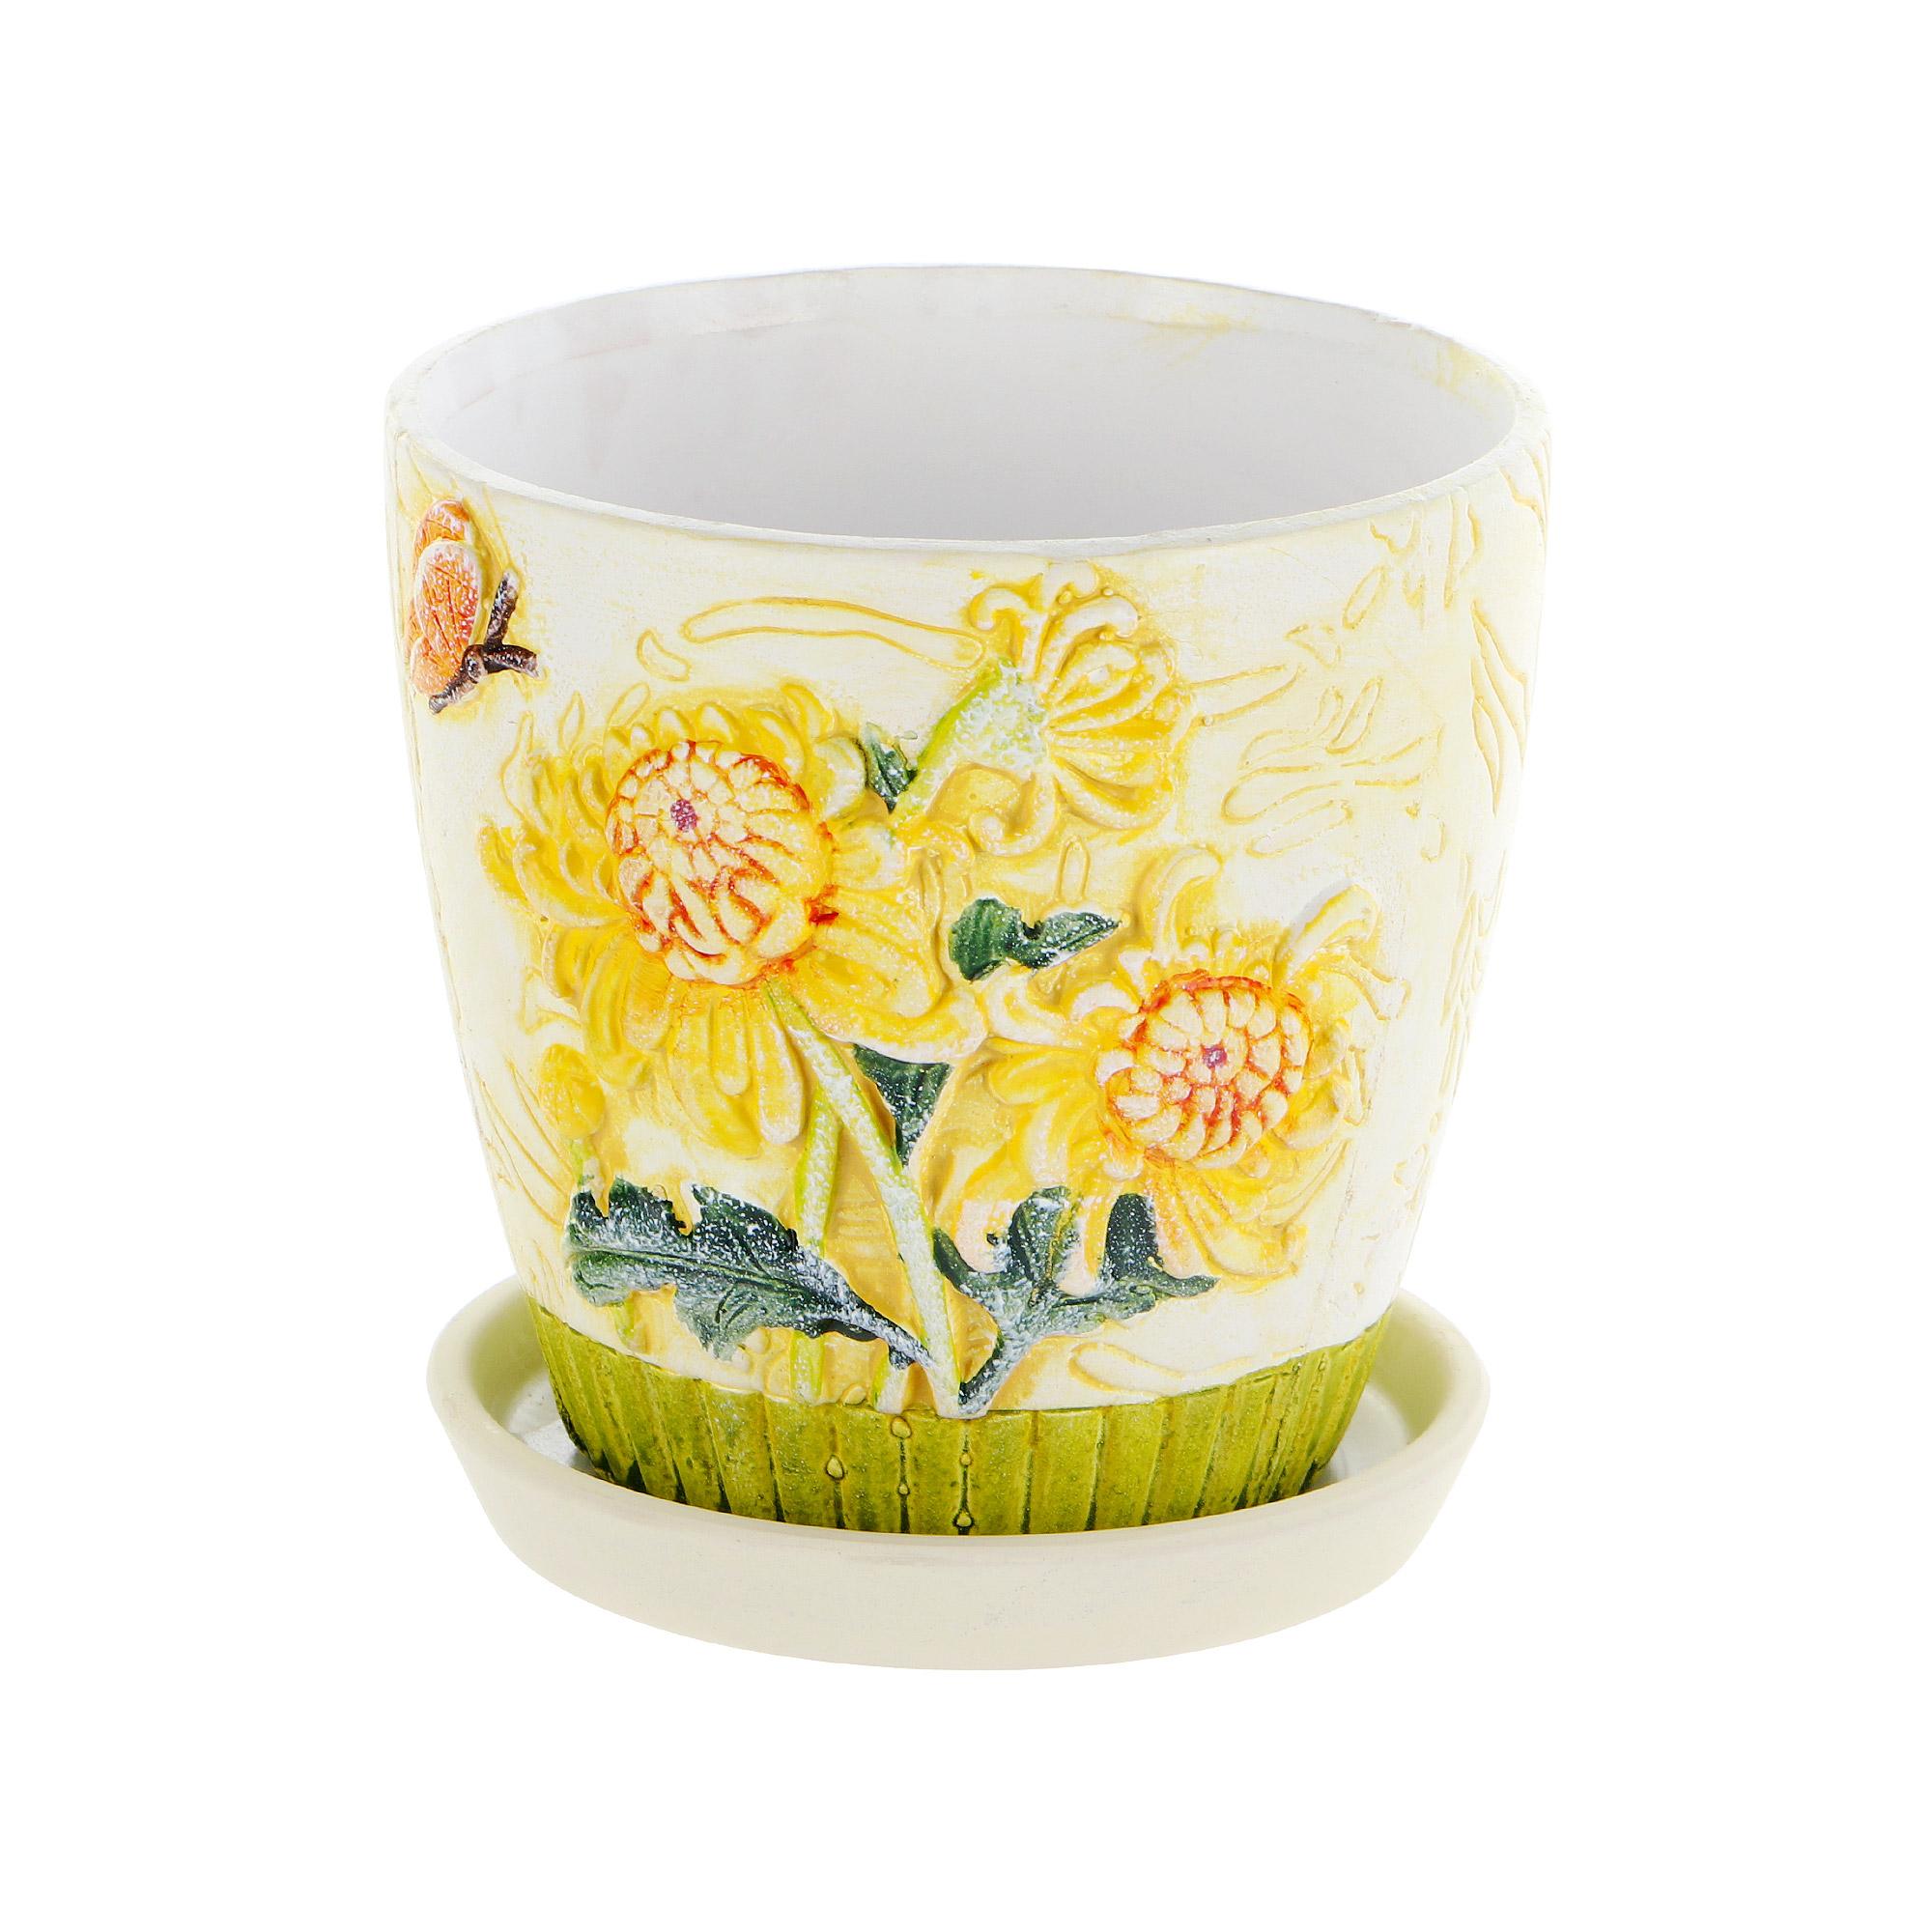 Горшок цветочный с поддоном Dehua ceramic yellow flower 15x15x14см